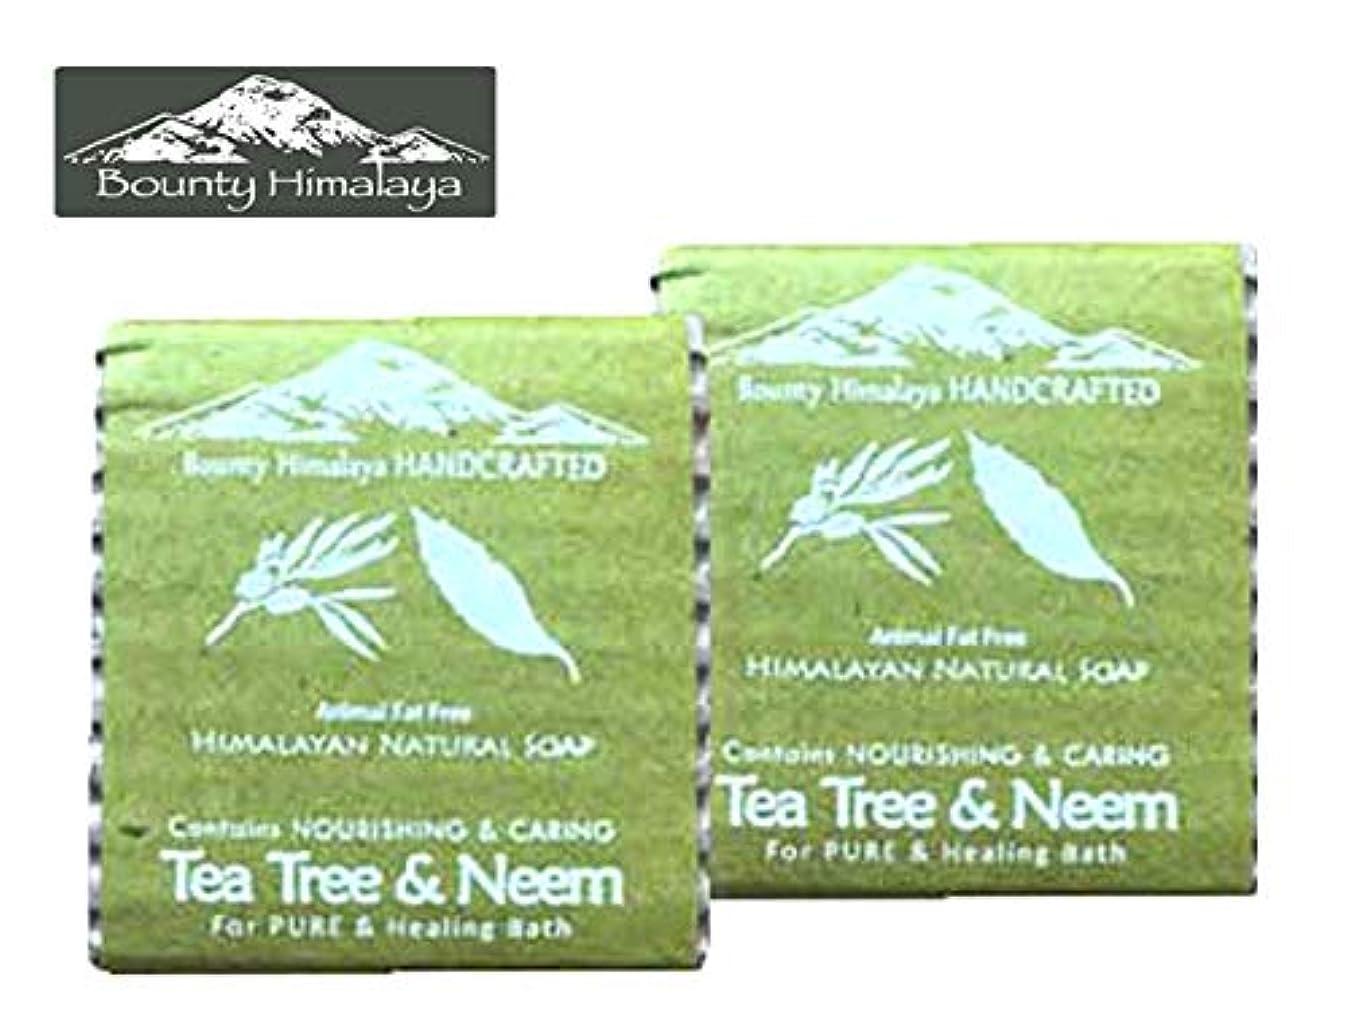 進捗花嫁ファランクスアーユルヴェーダ ヒマラヤ ティーツリー?ニーム ソープ2セット Bounty Himalaya Tea Tree & Neem SOAP(NEPAL AYURVEDA) 100g